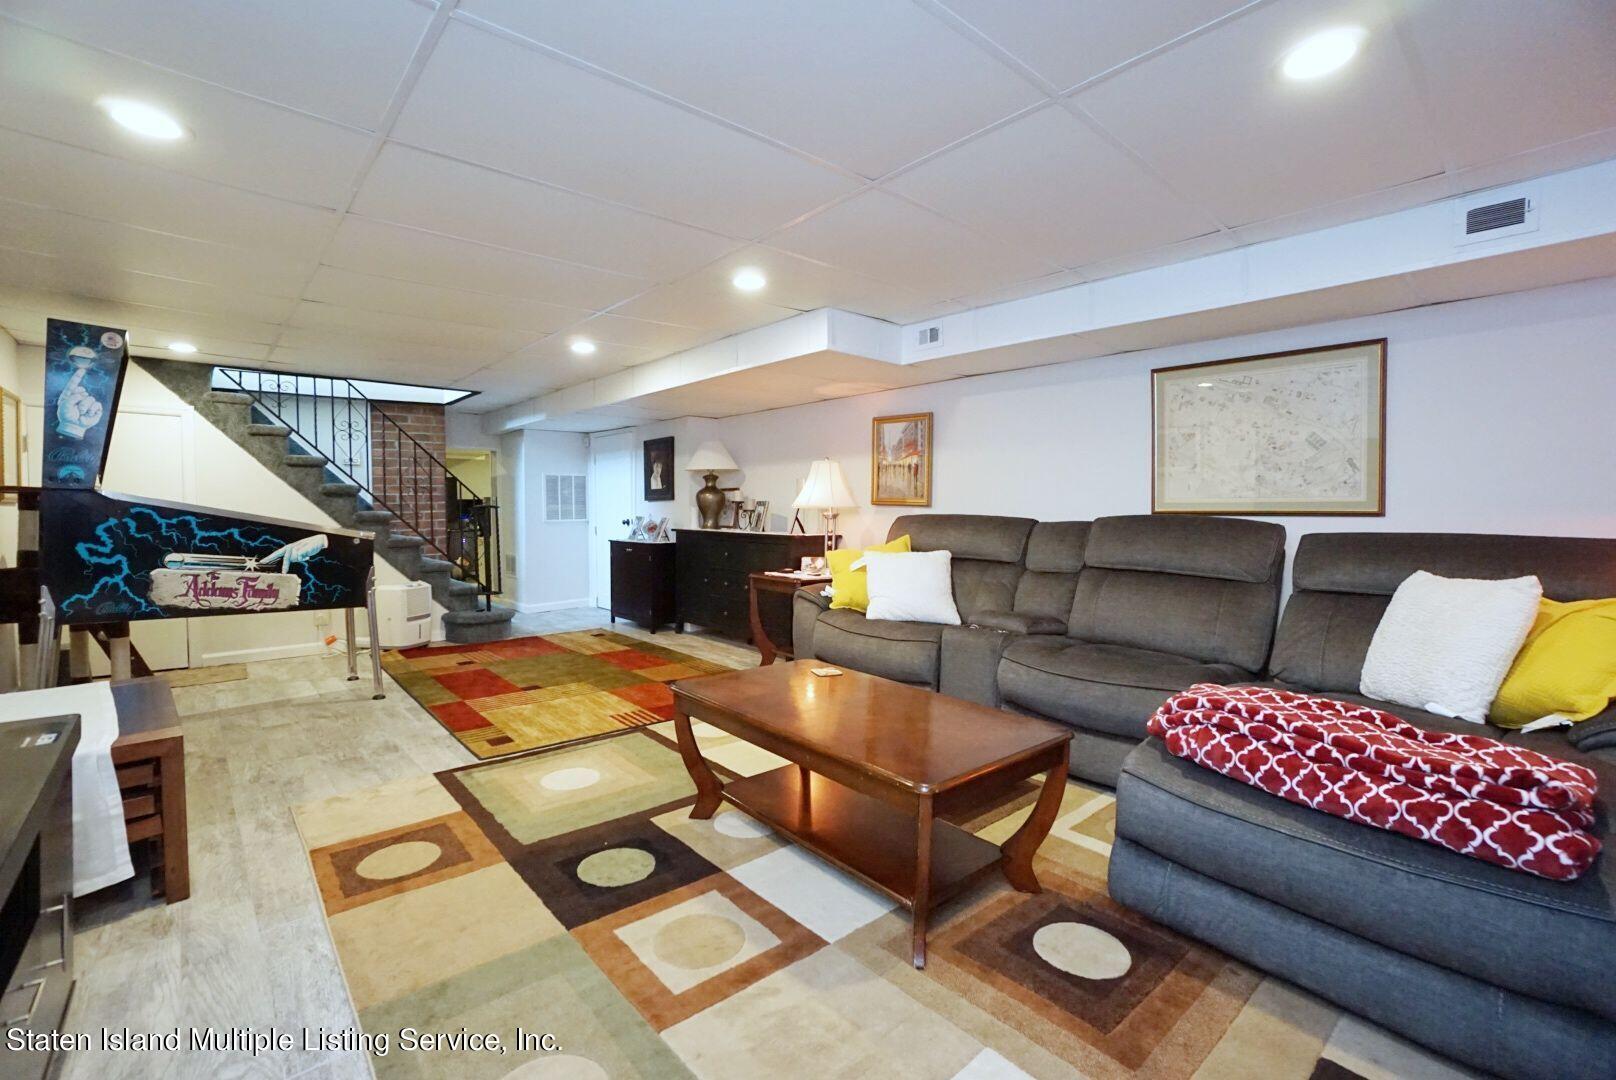 Single Family - Detached 29 City Boulevard  Staten Island, NY 10301, MLS-1147694-38